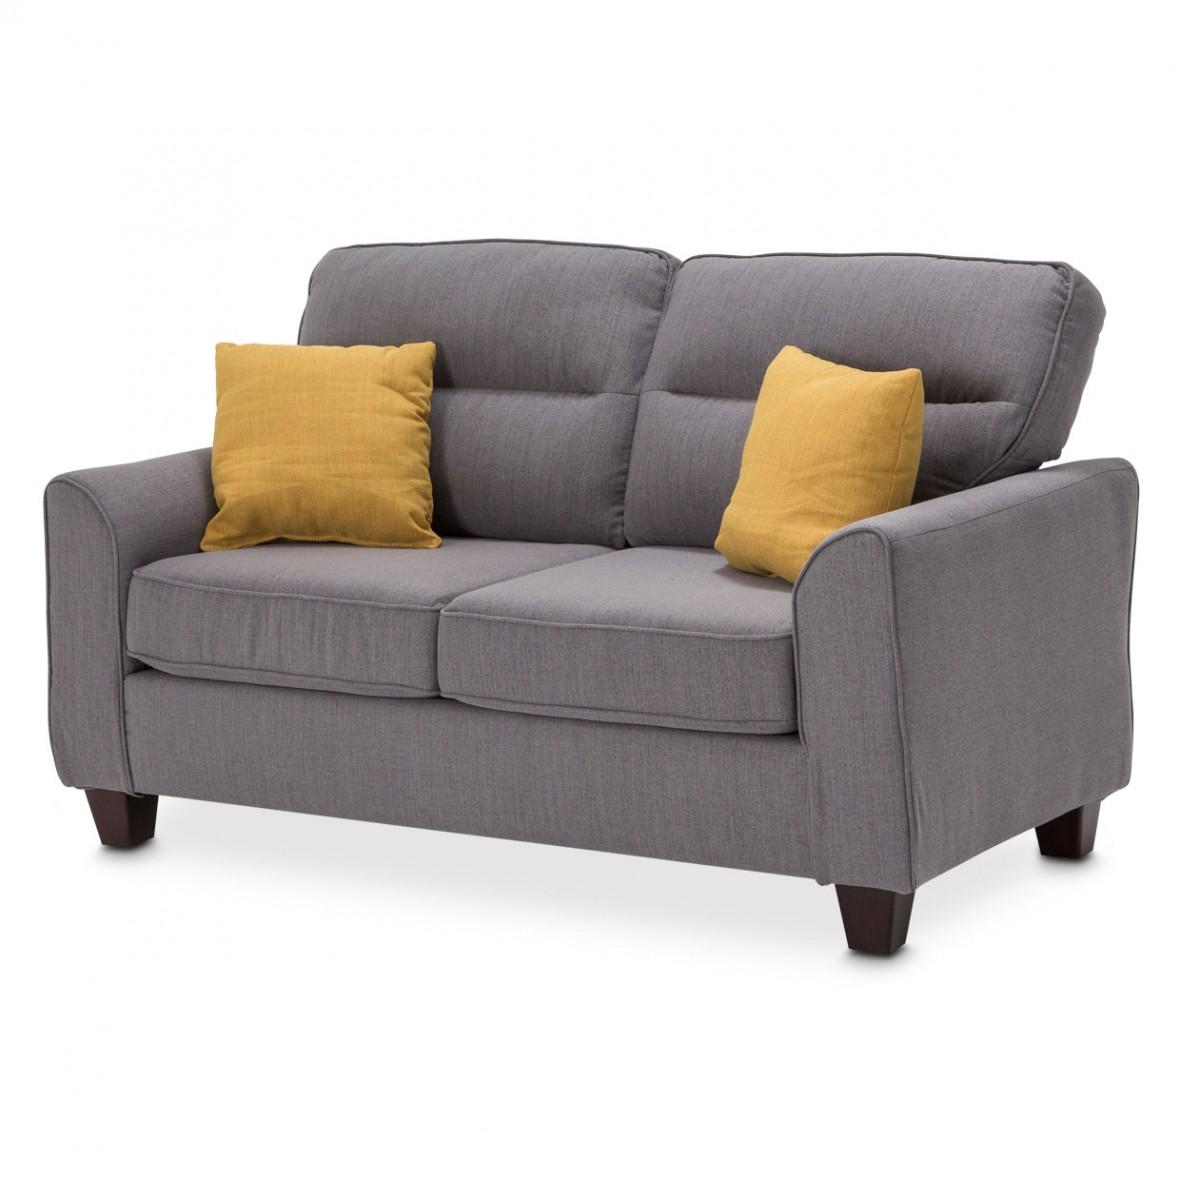 Софа 2-местная, цвет Графит, 2 декоративных подушки